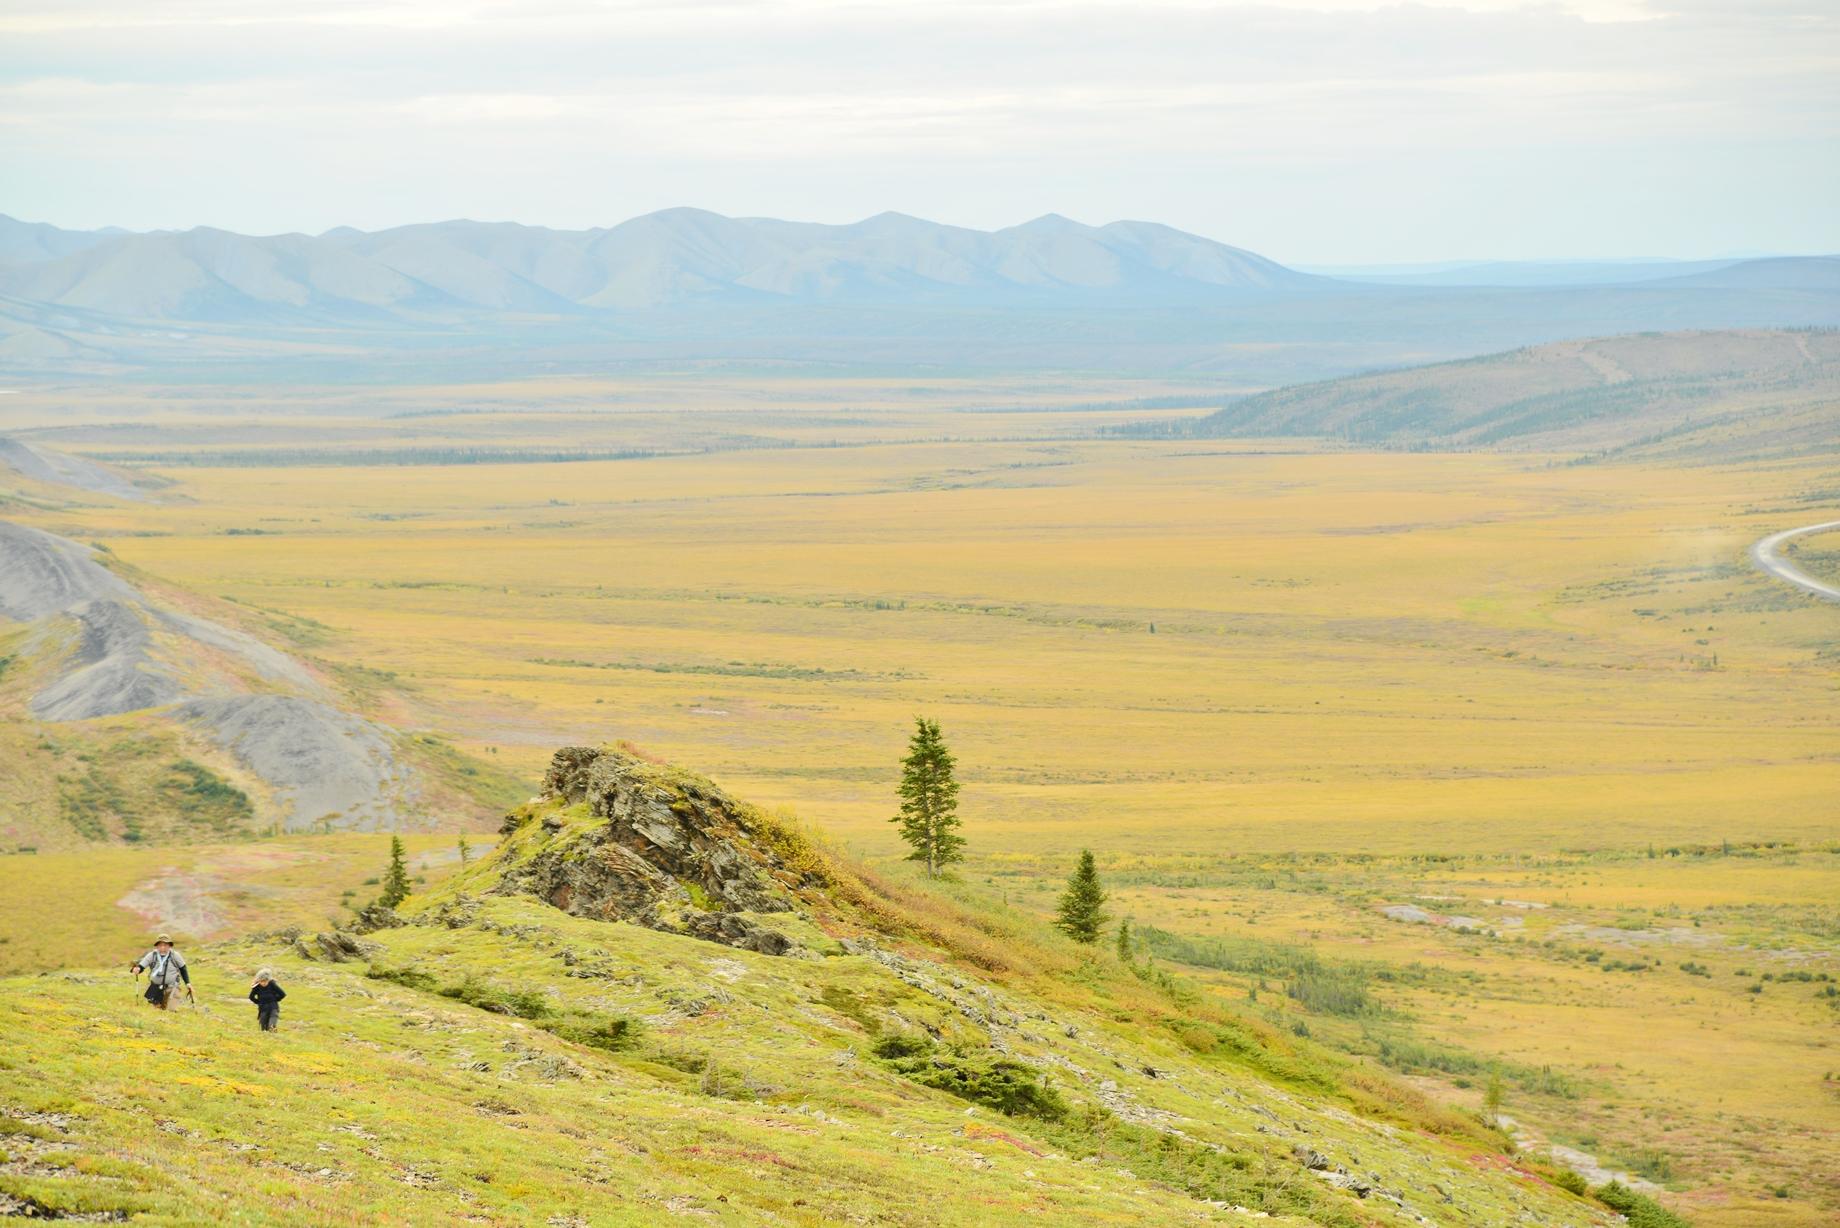 カナダ極北イヌビックへ北極圏冒険の旅 10日間